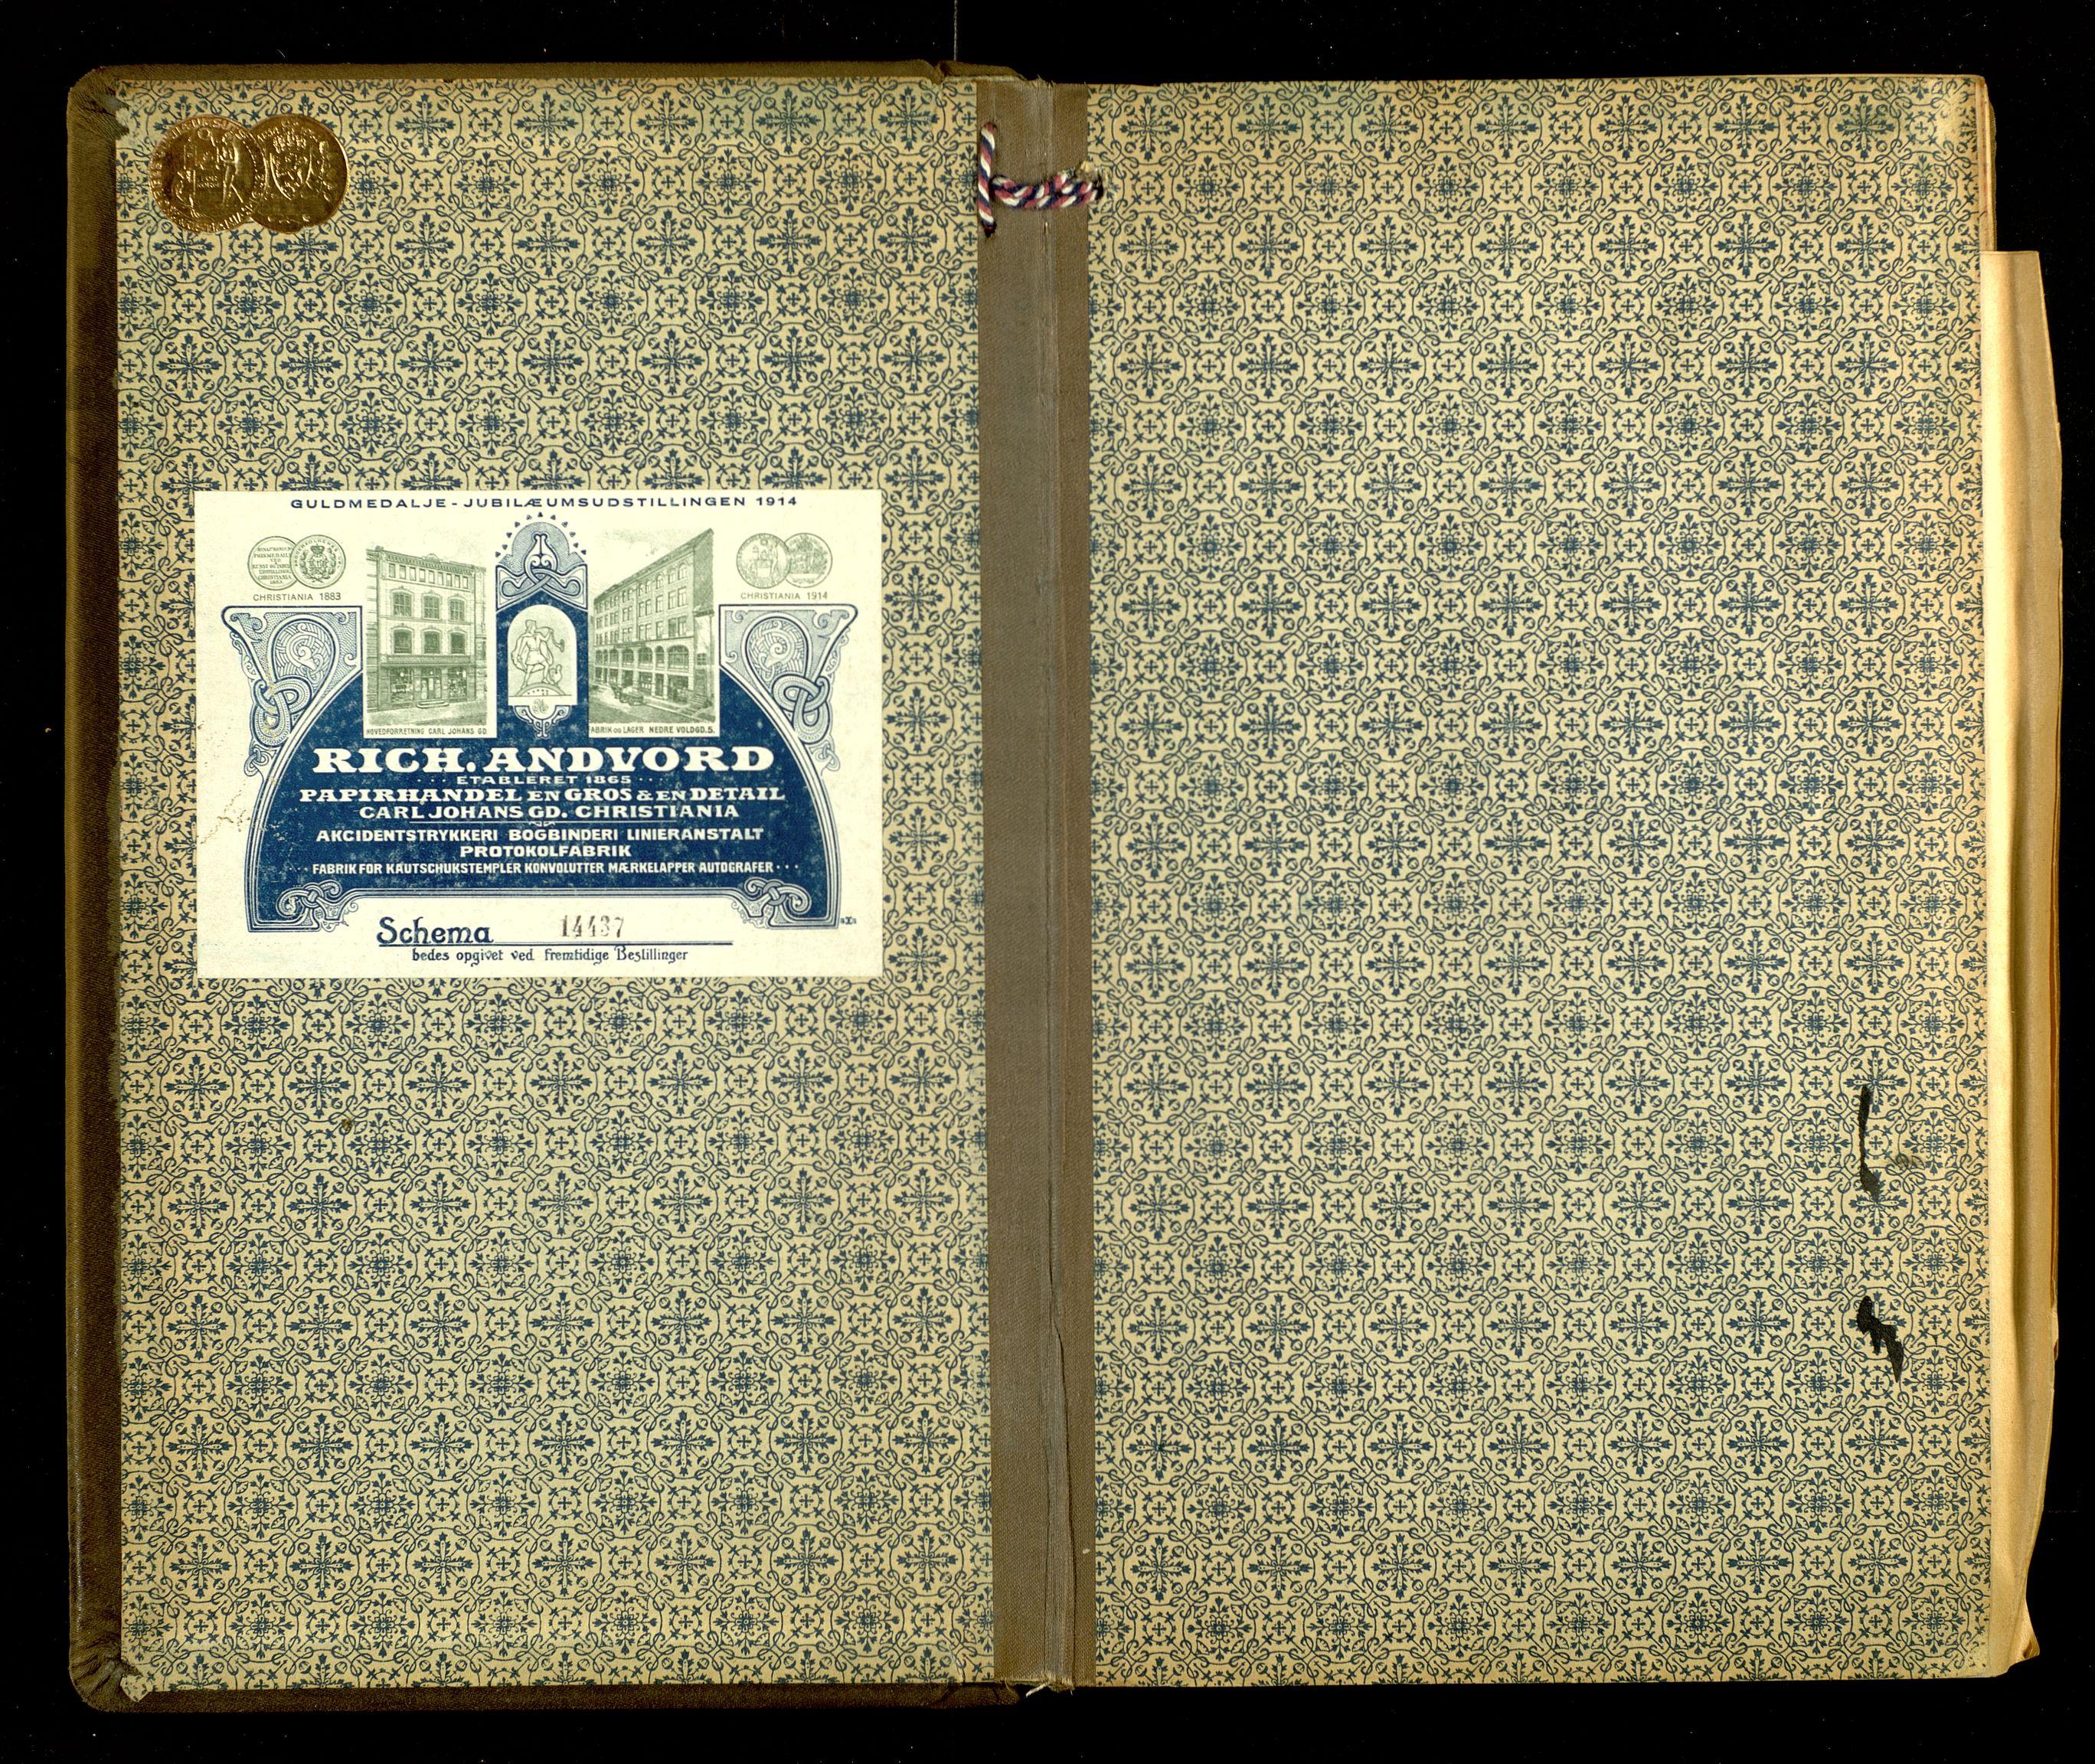 SAH, Norges Brannkasse, Sel og Heidal, F/L0002: Branntakstprotokoll, 1920-1928